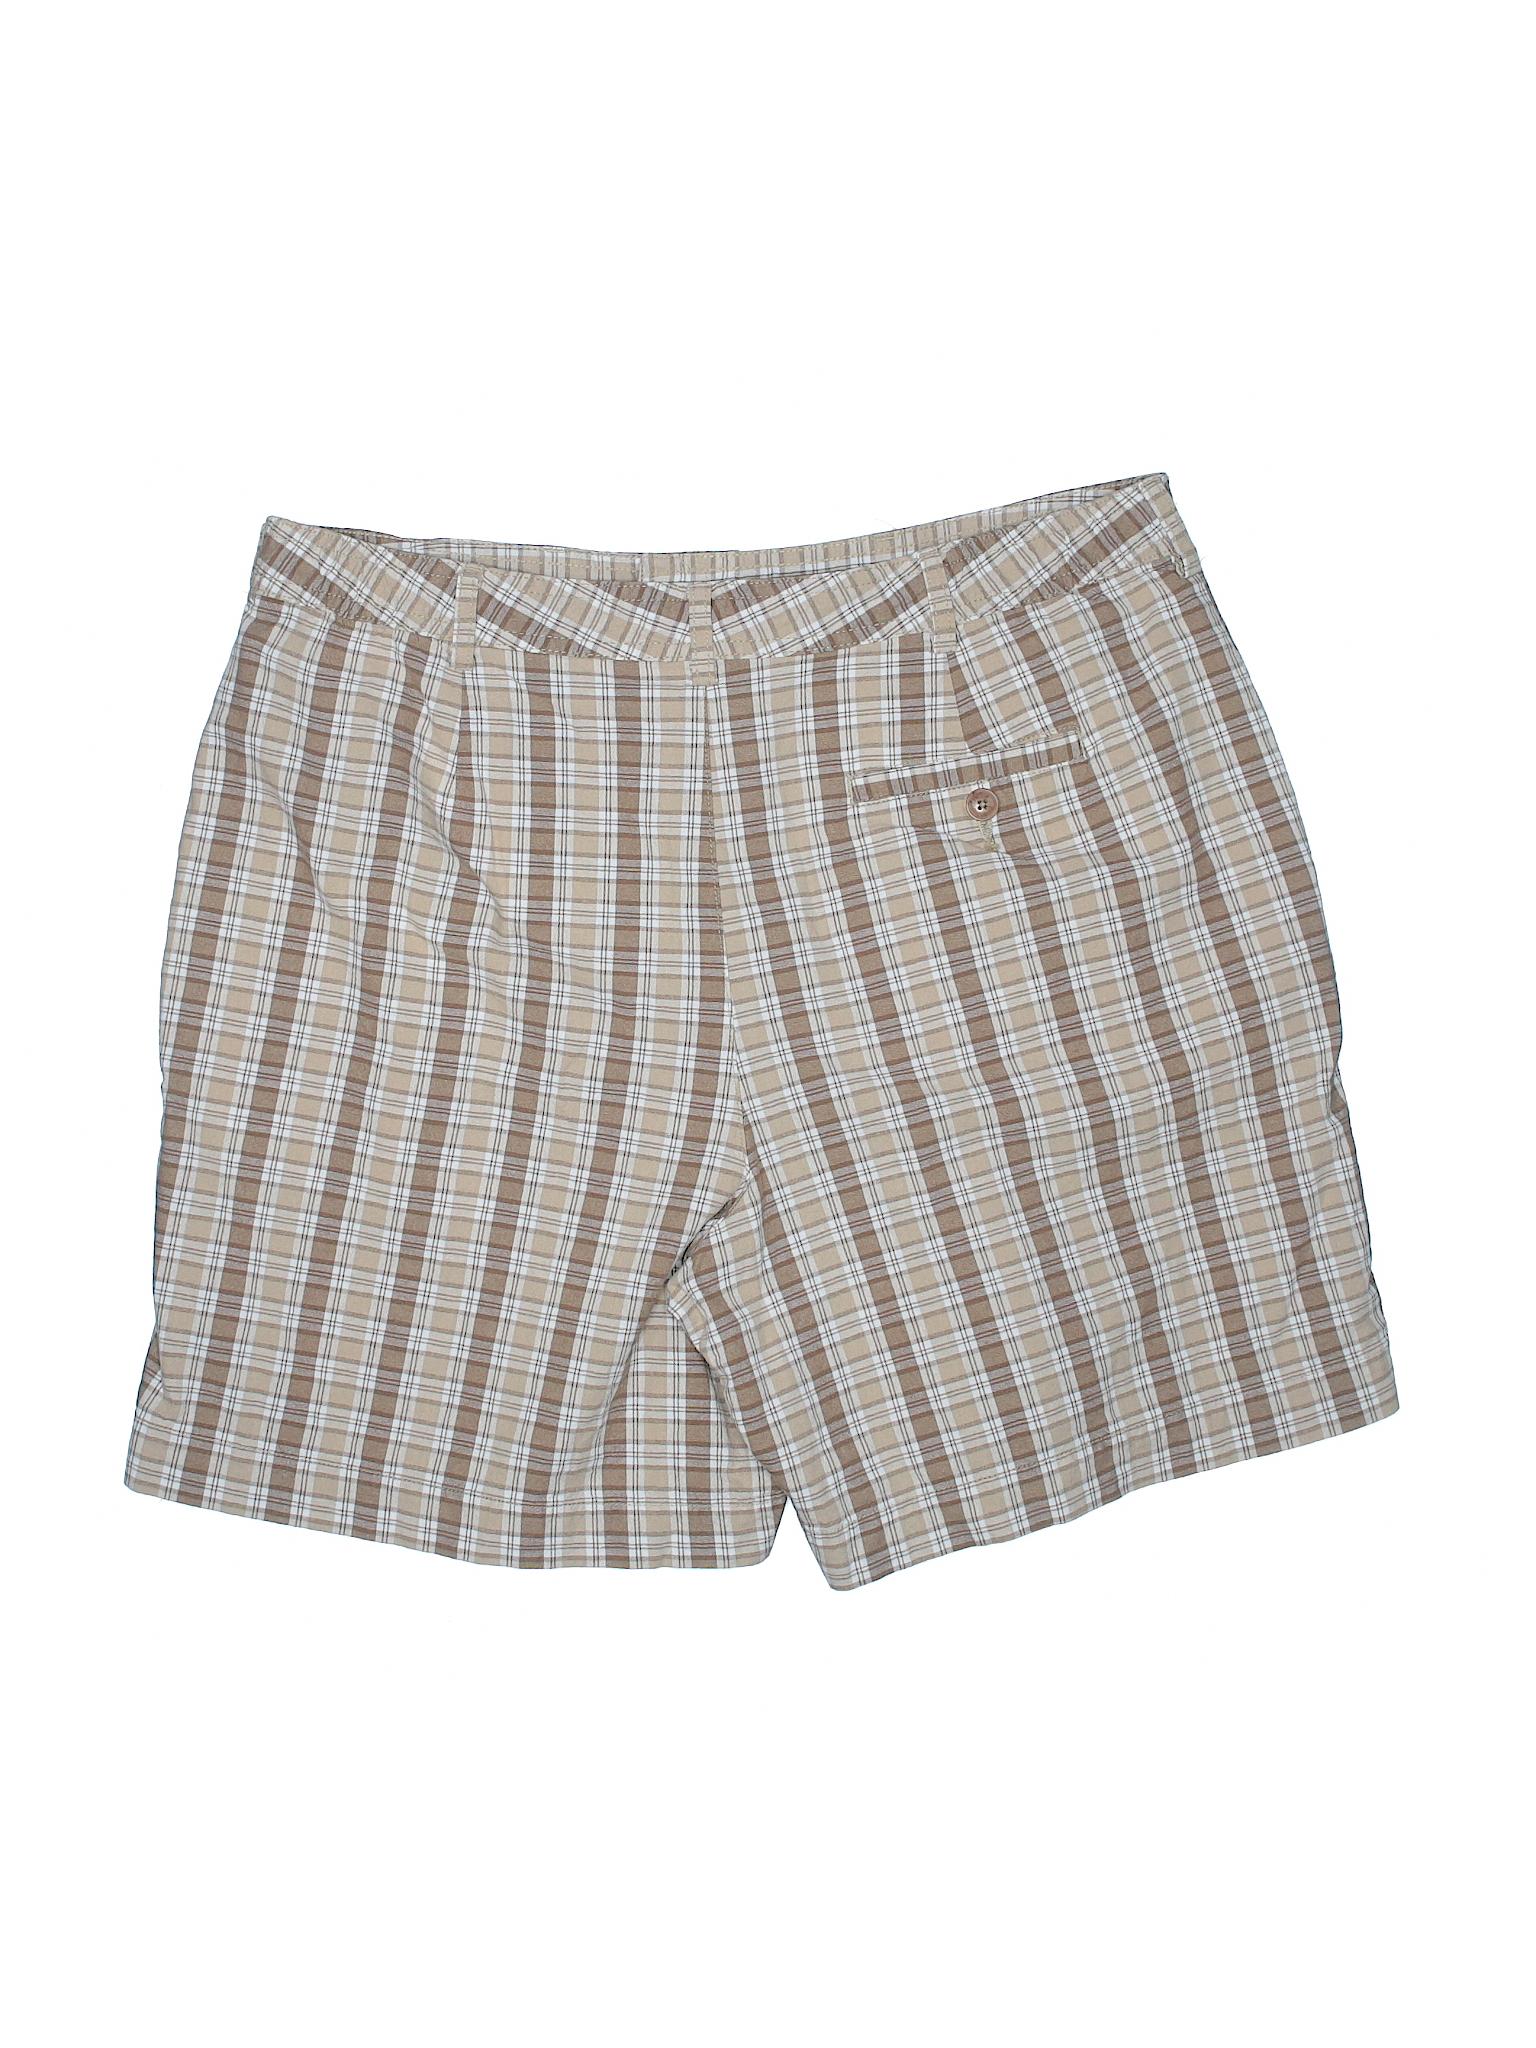 Shorts winter Leisure Khaki White Stag xPxCRITwq